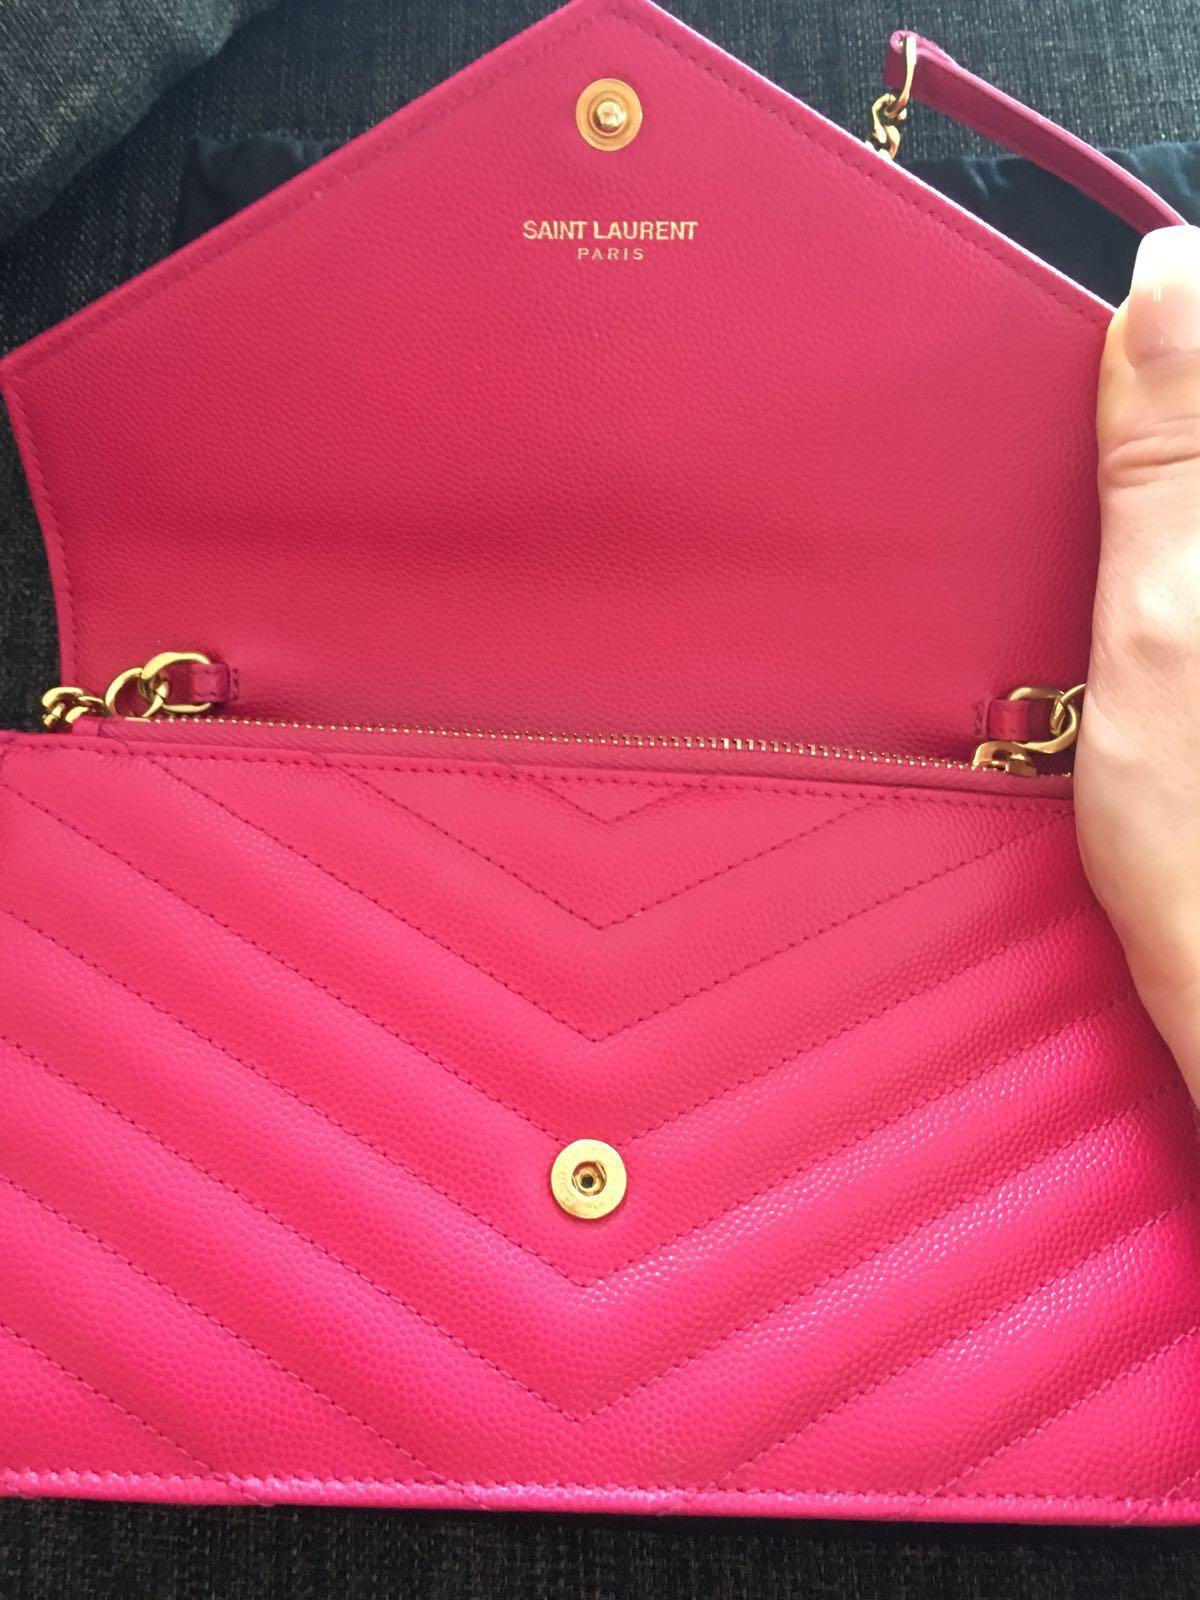 lightbox · lightbox · lightbox · lightbox · lightbox · lightbox. prev.  next. Yves Saint Laurent Paris YSL Pink Leather Wallet on Chain GHW  Shoulder Bag ... e4b7c23780c5b